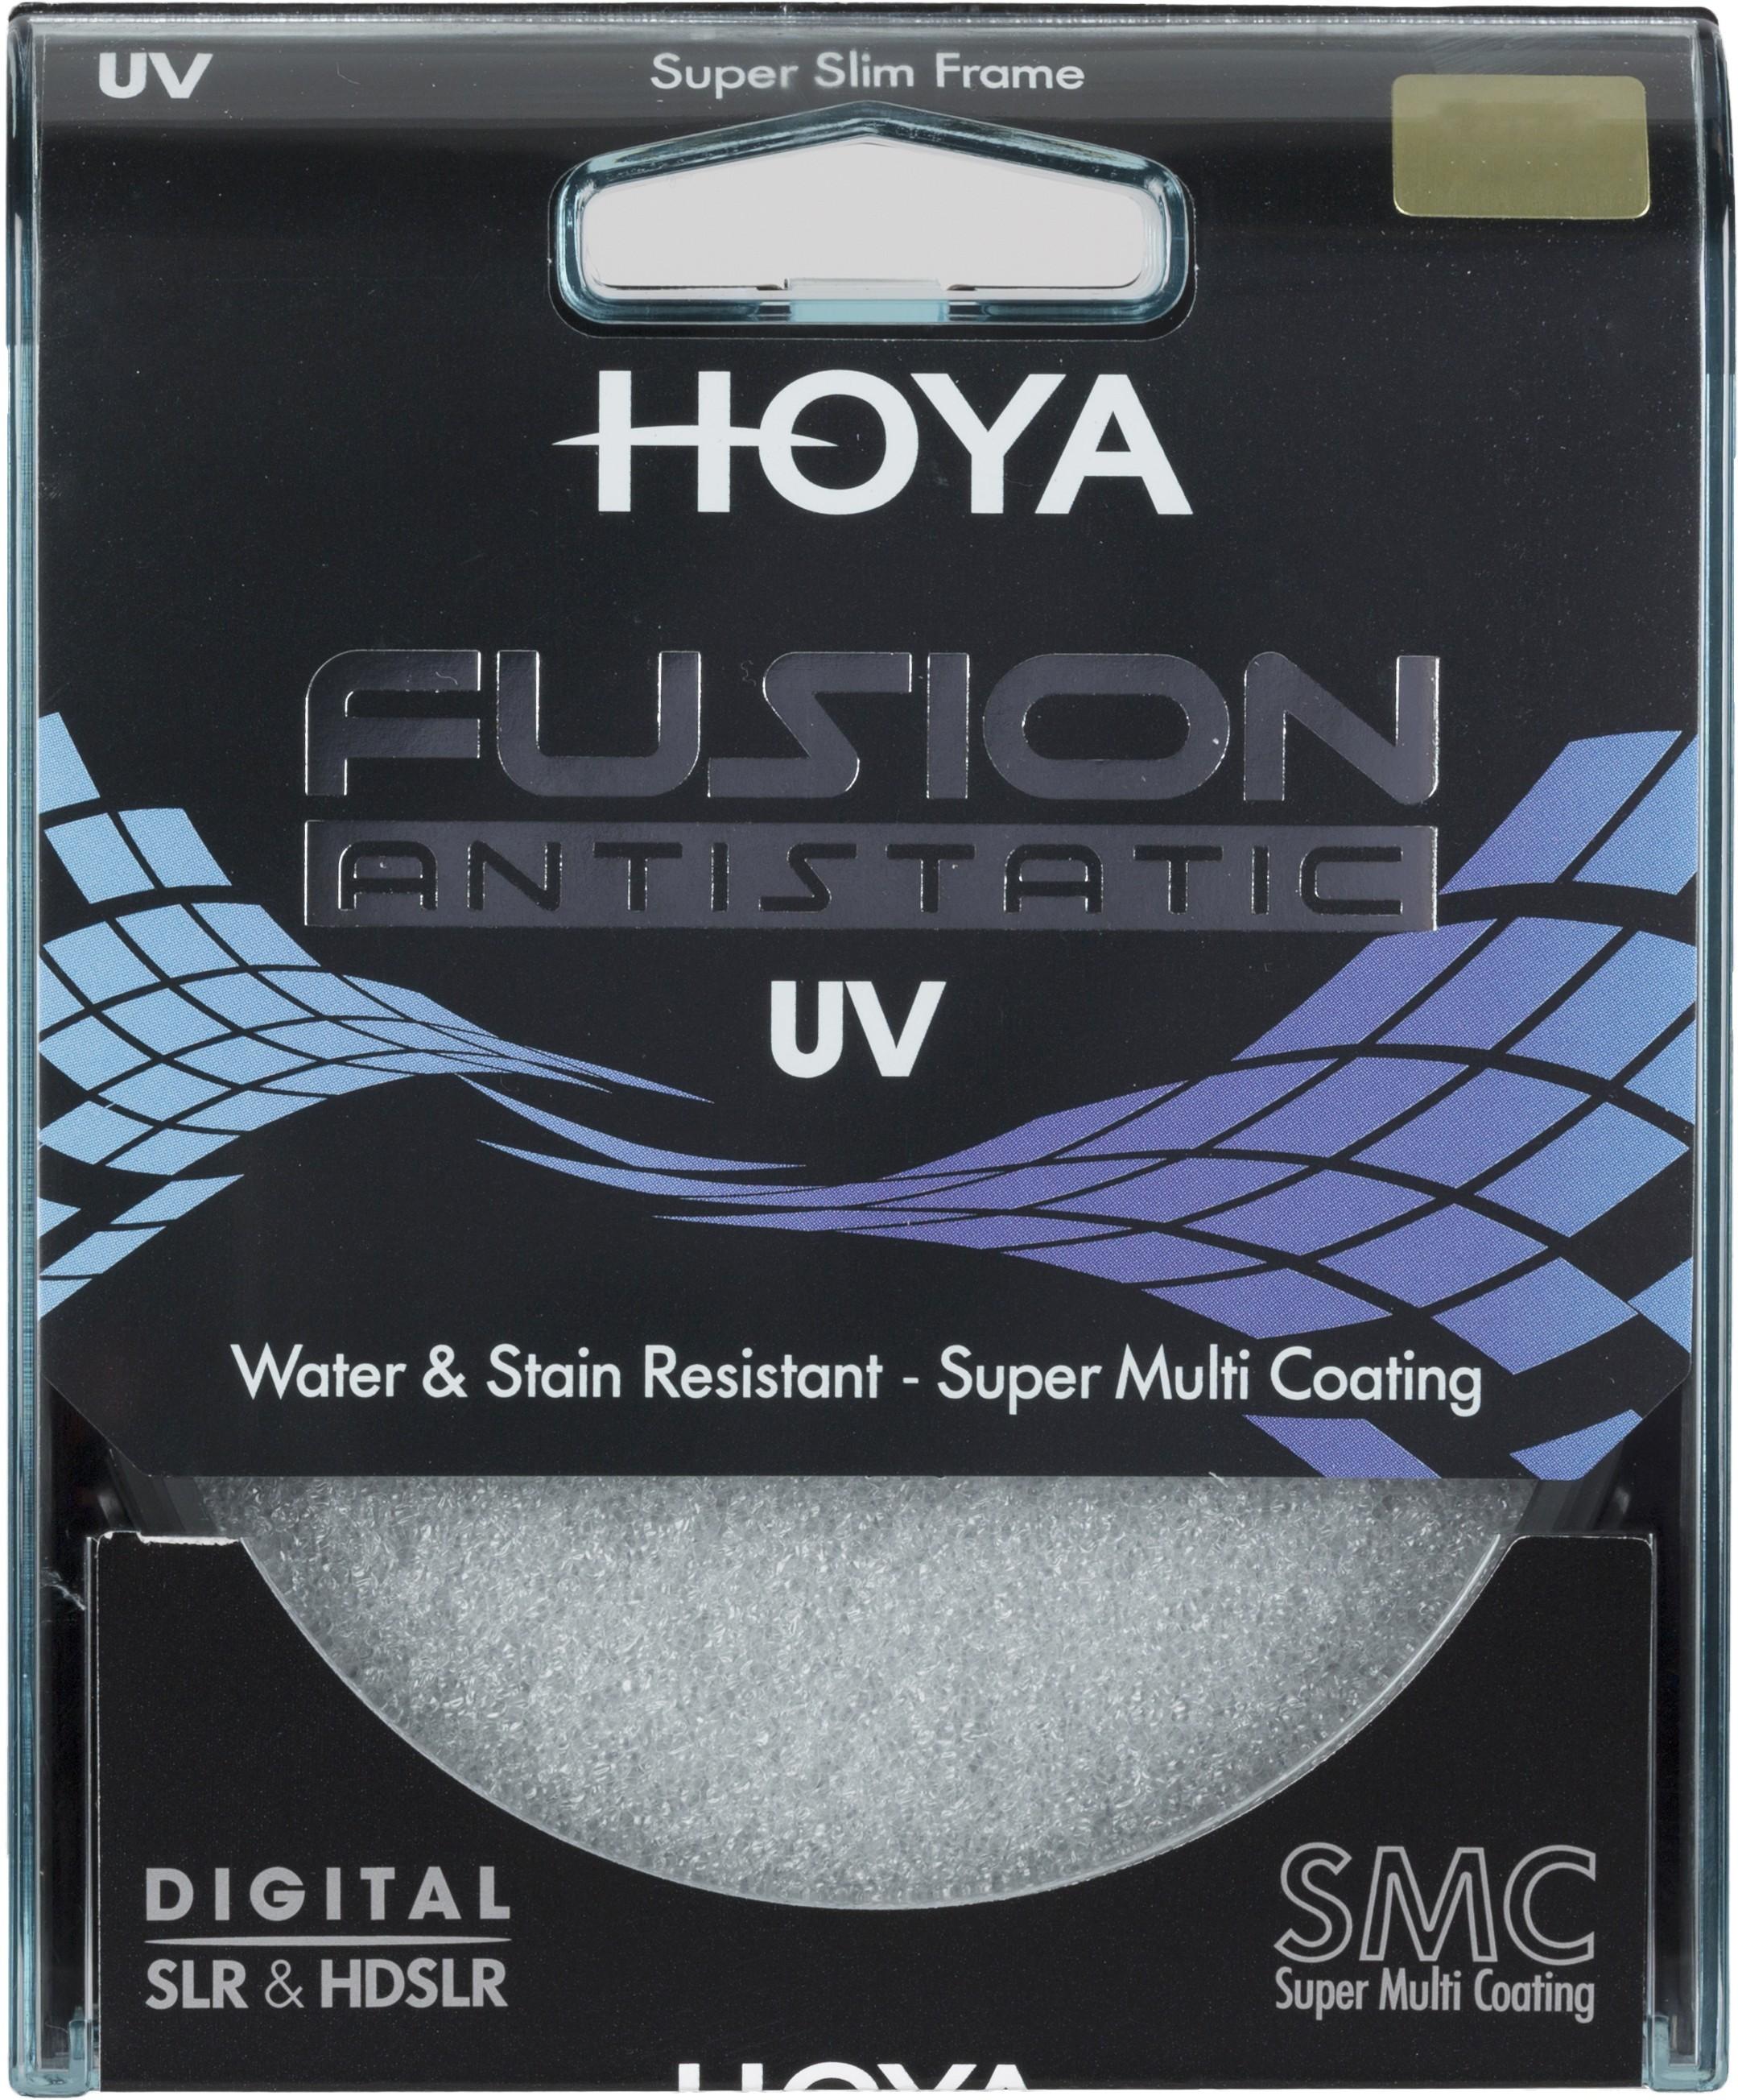 Hoya filter UV Fusion Antistatic 49mm